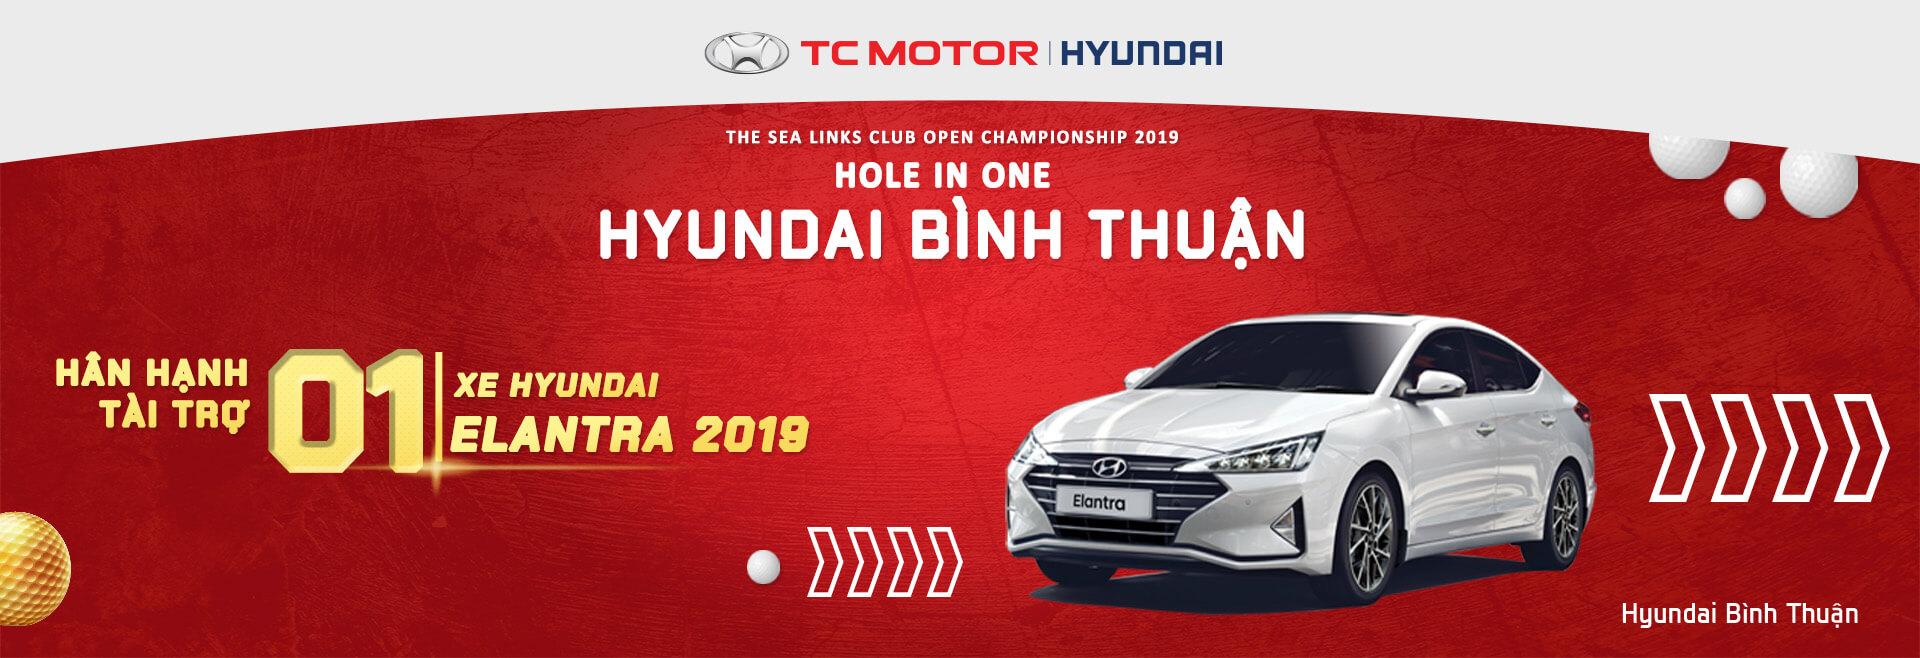 Hyundai Bình Thuận hân hạnh tài trợ giải HOLE IN ONE - Giải Vô Địch Câu Lạc Bộ Sea Links mở rộng 2019